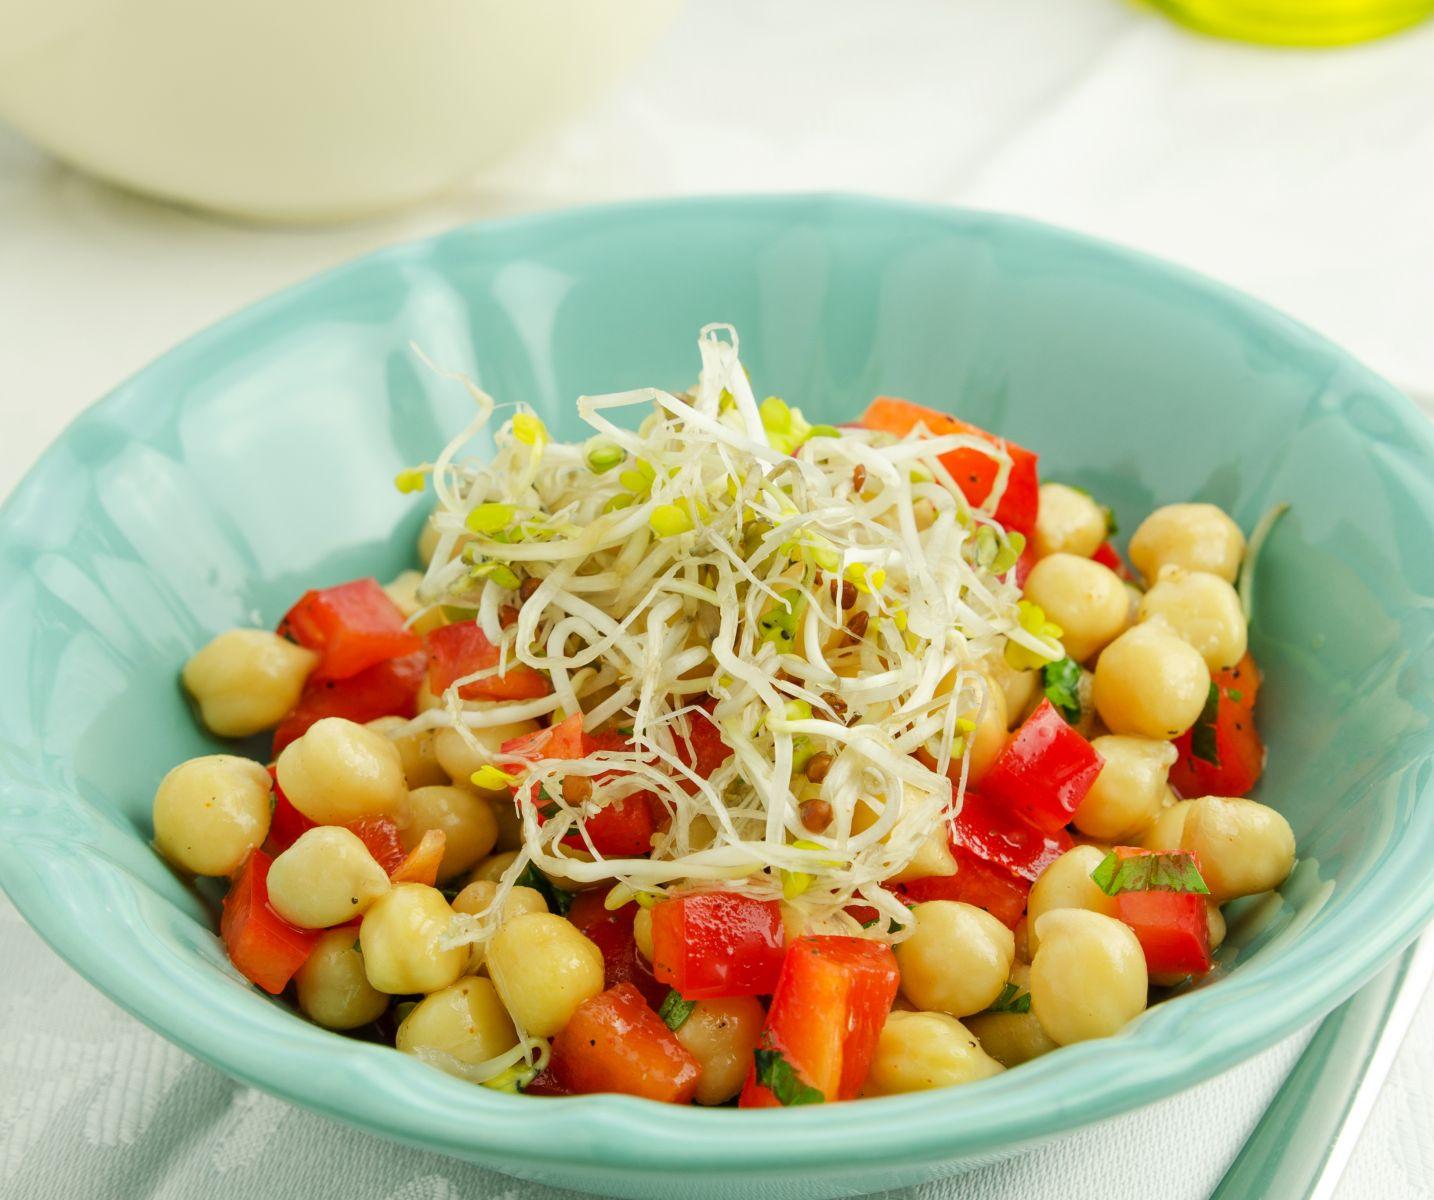 Вкусные блюда для веганов: ореховые голубцы, чечевичный паштет, салат с нутом и напиток из тыквы - фото №4